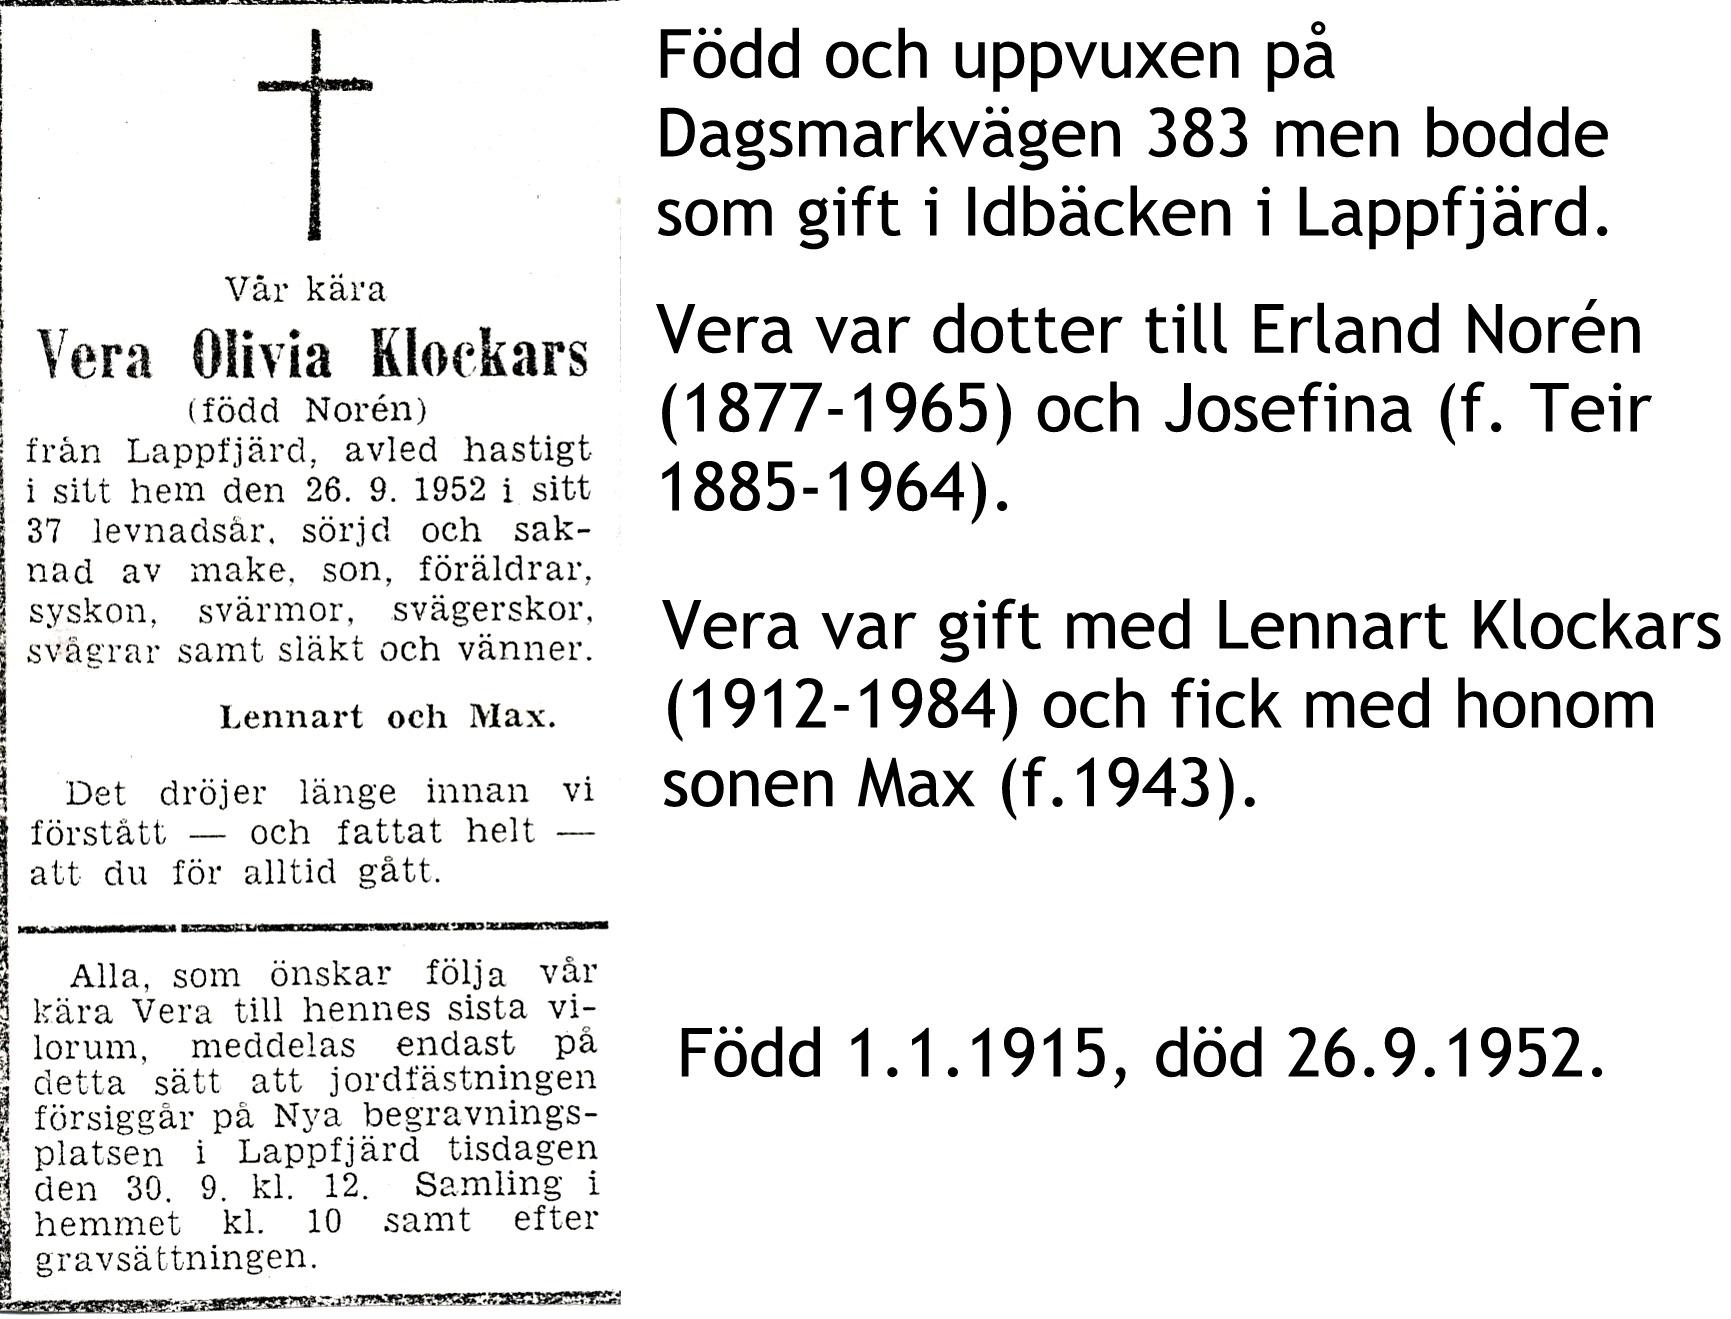 Klockars Vera Olivia, f. Norén